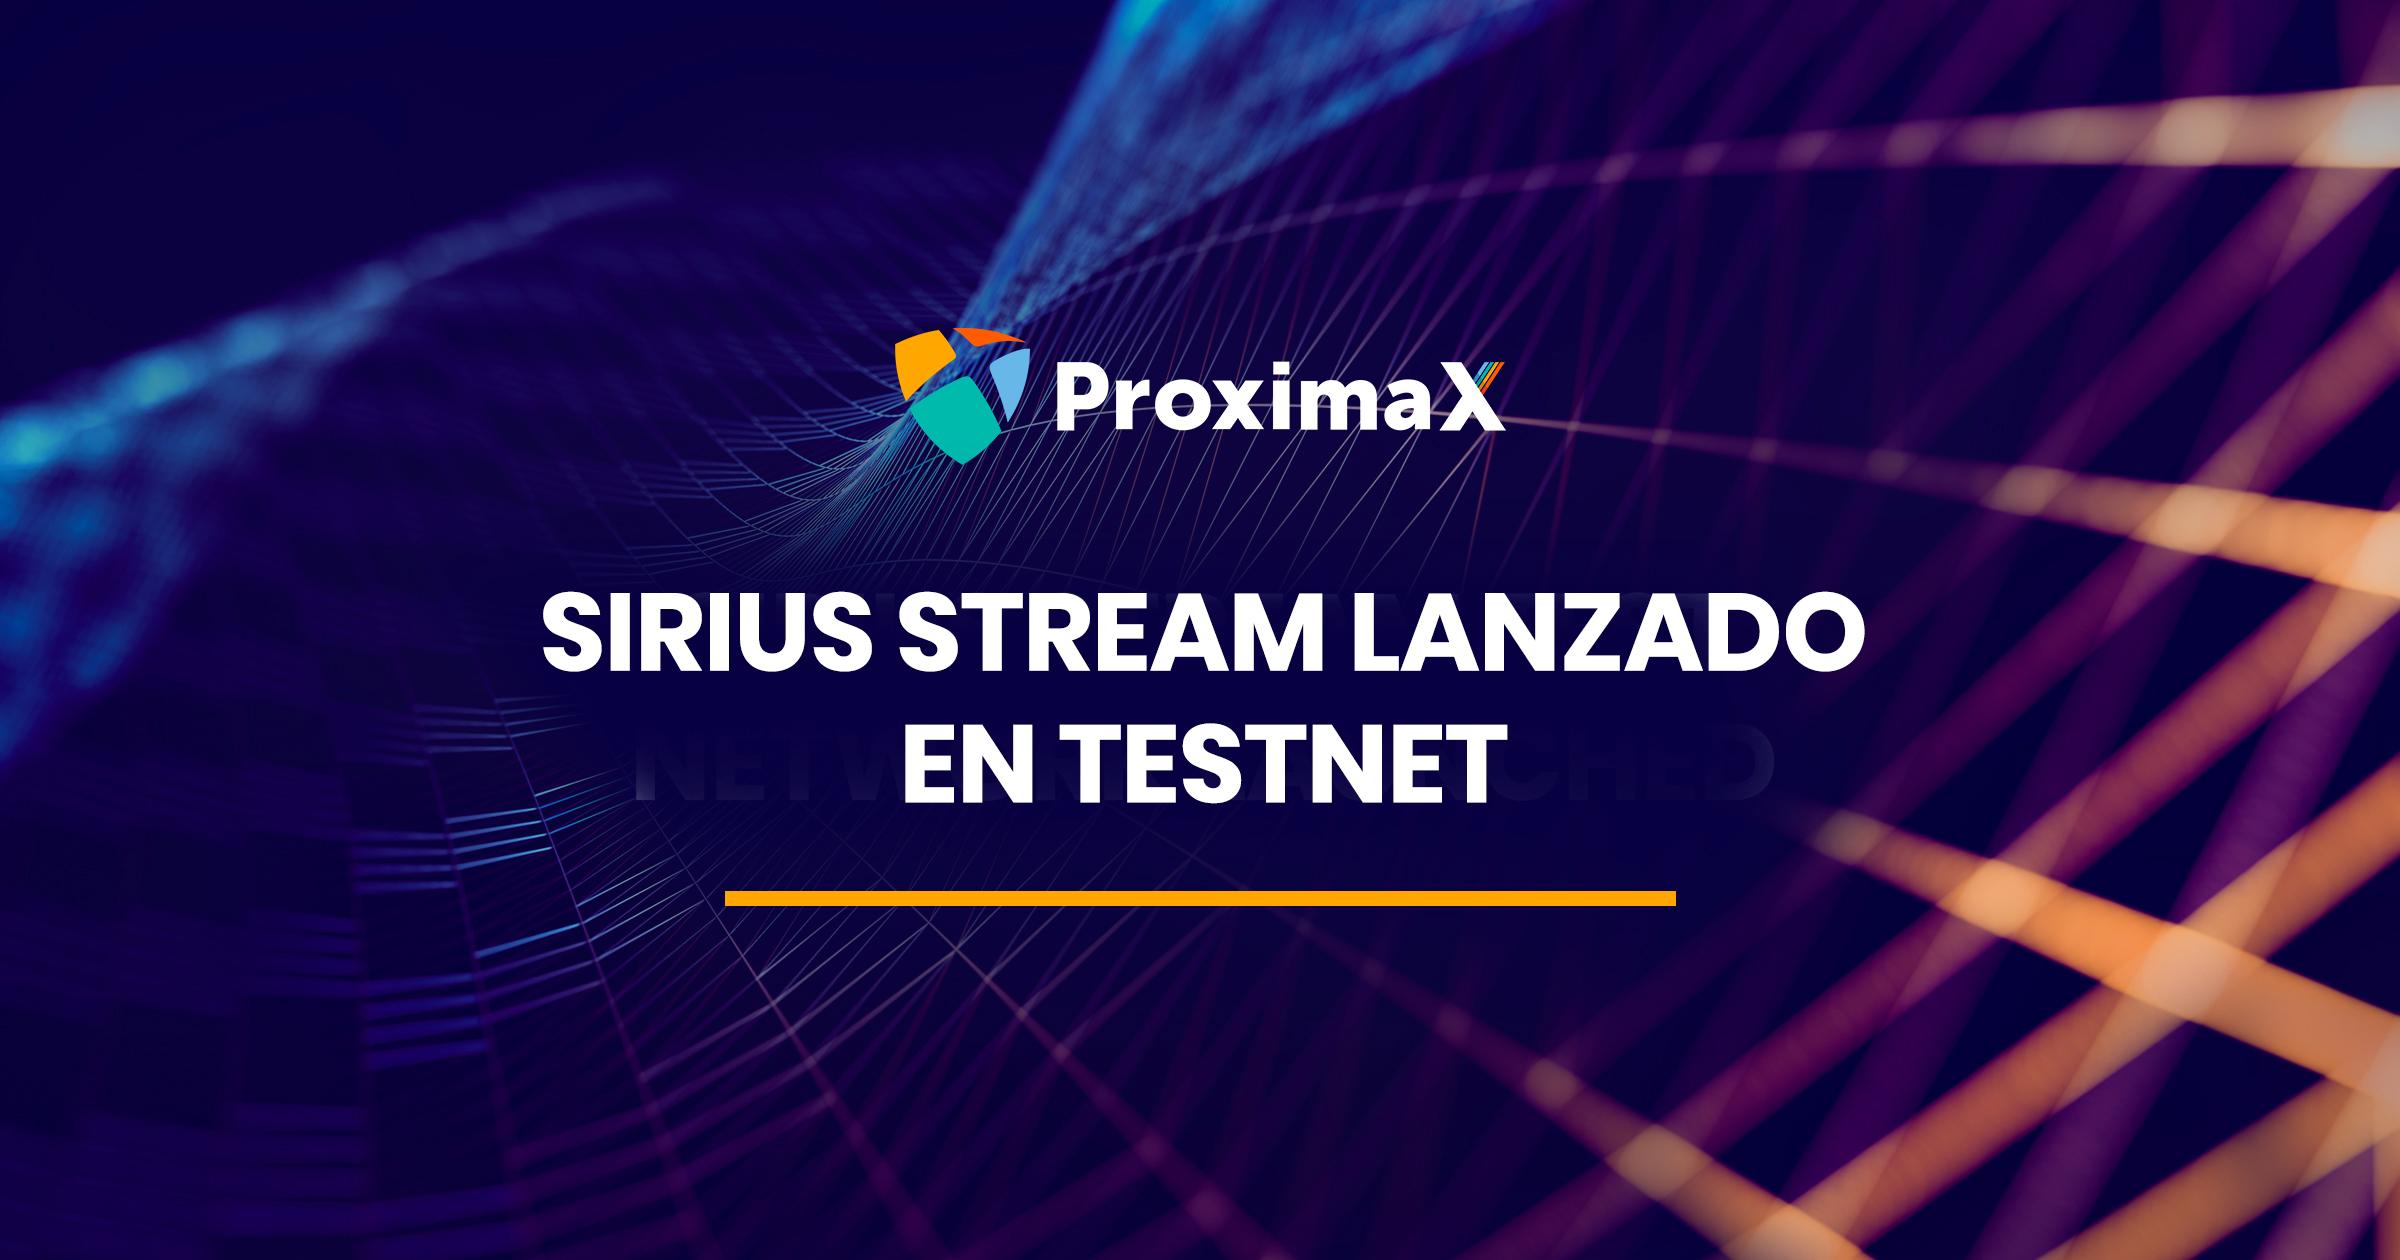 ¡Sirius Stream lanzado en Testnet!